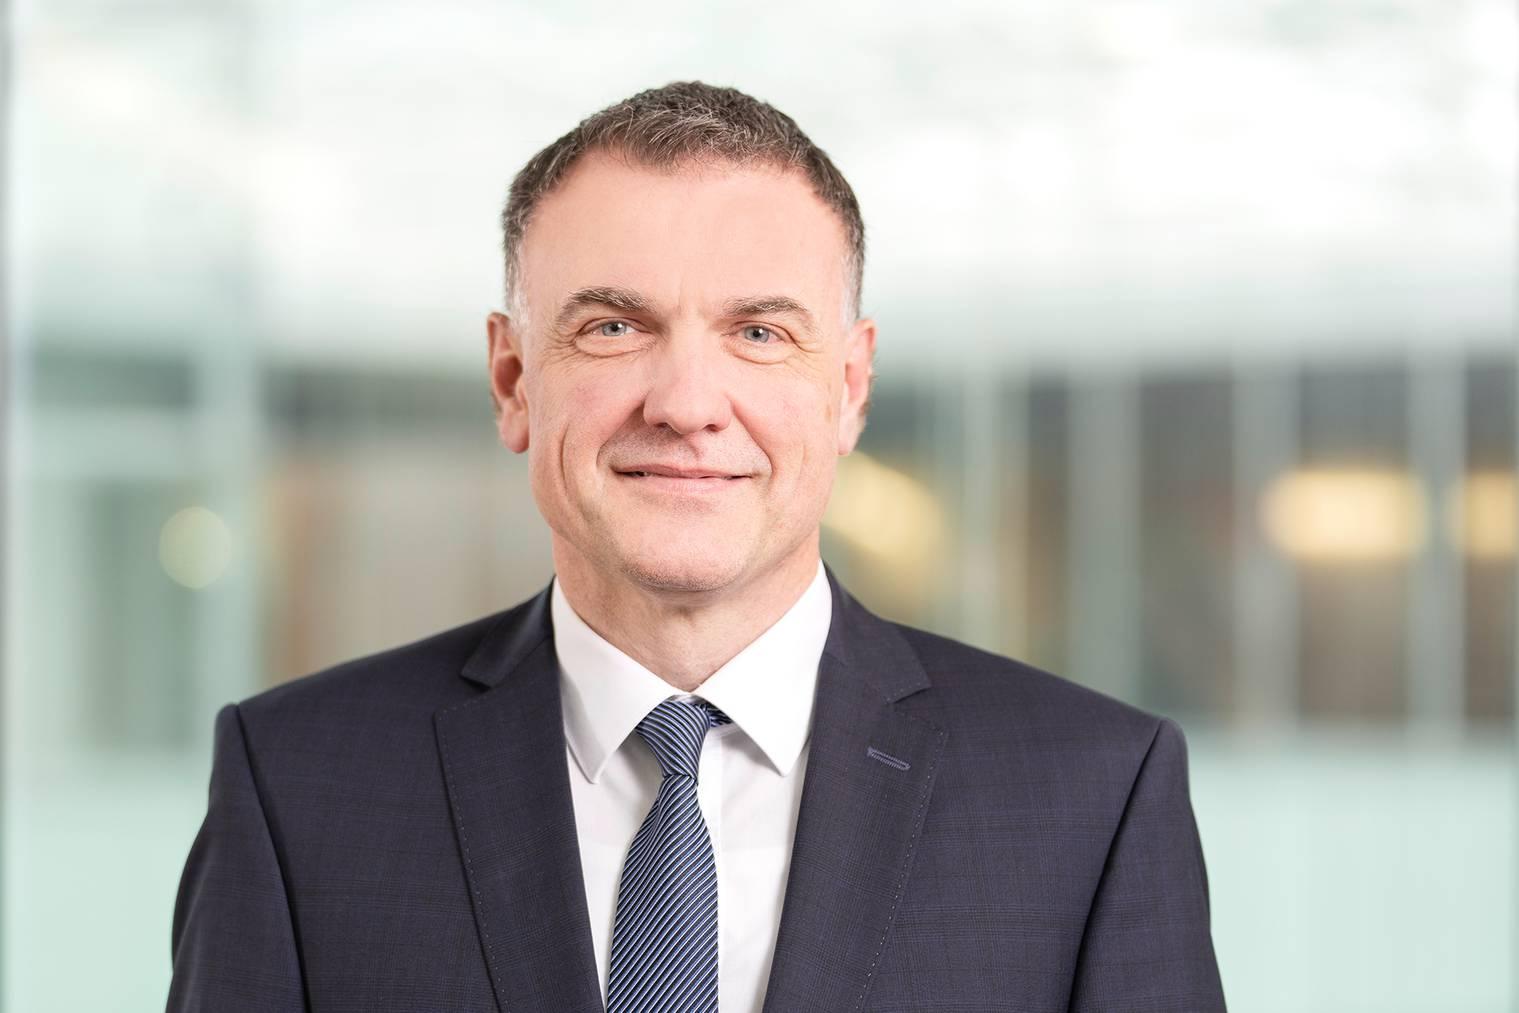 René Walser ist Leiter Privat- und Geschäftskunden der SGKB. Er sieht keine Gründe für abrupte Preisrückgänge im grösseren Stil.